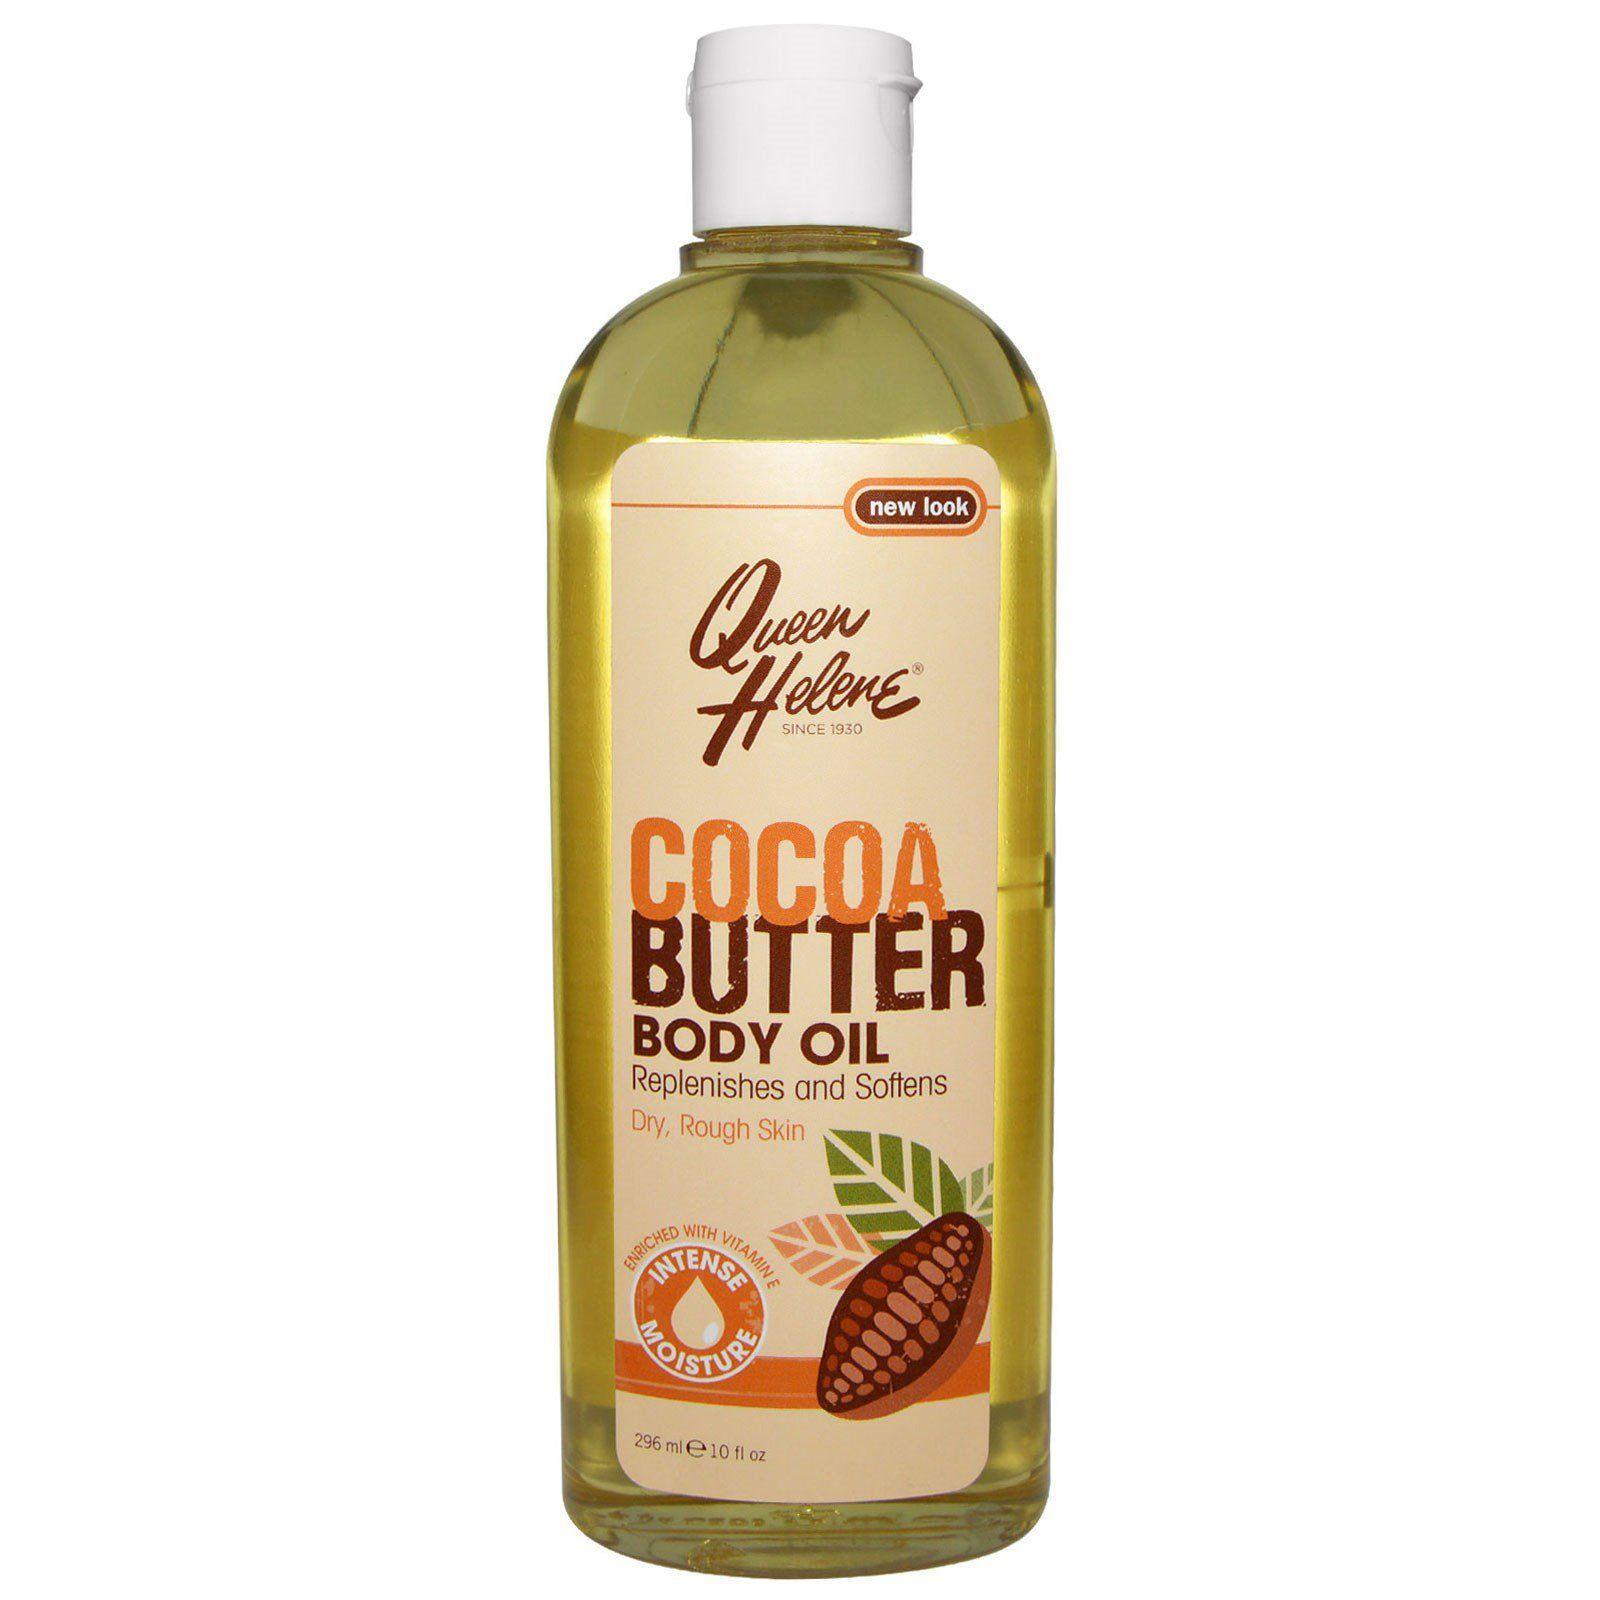 Queen Helene Cocoa Butter Moisturising Body Oil - 10oz